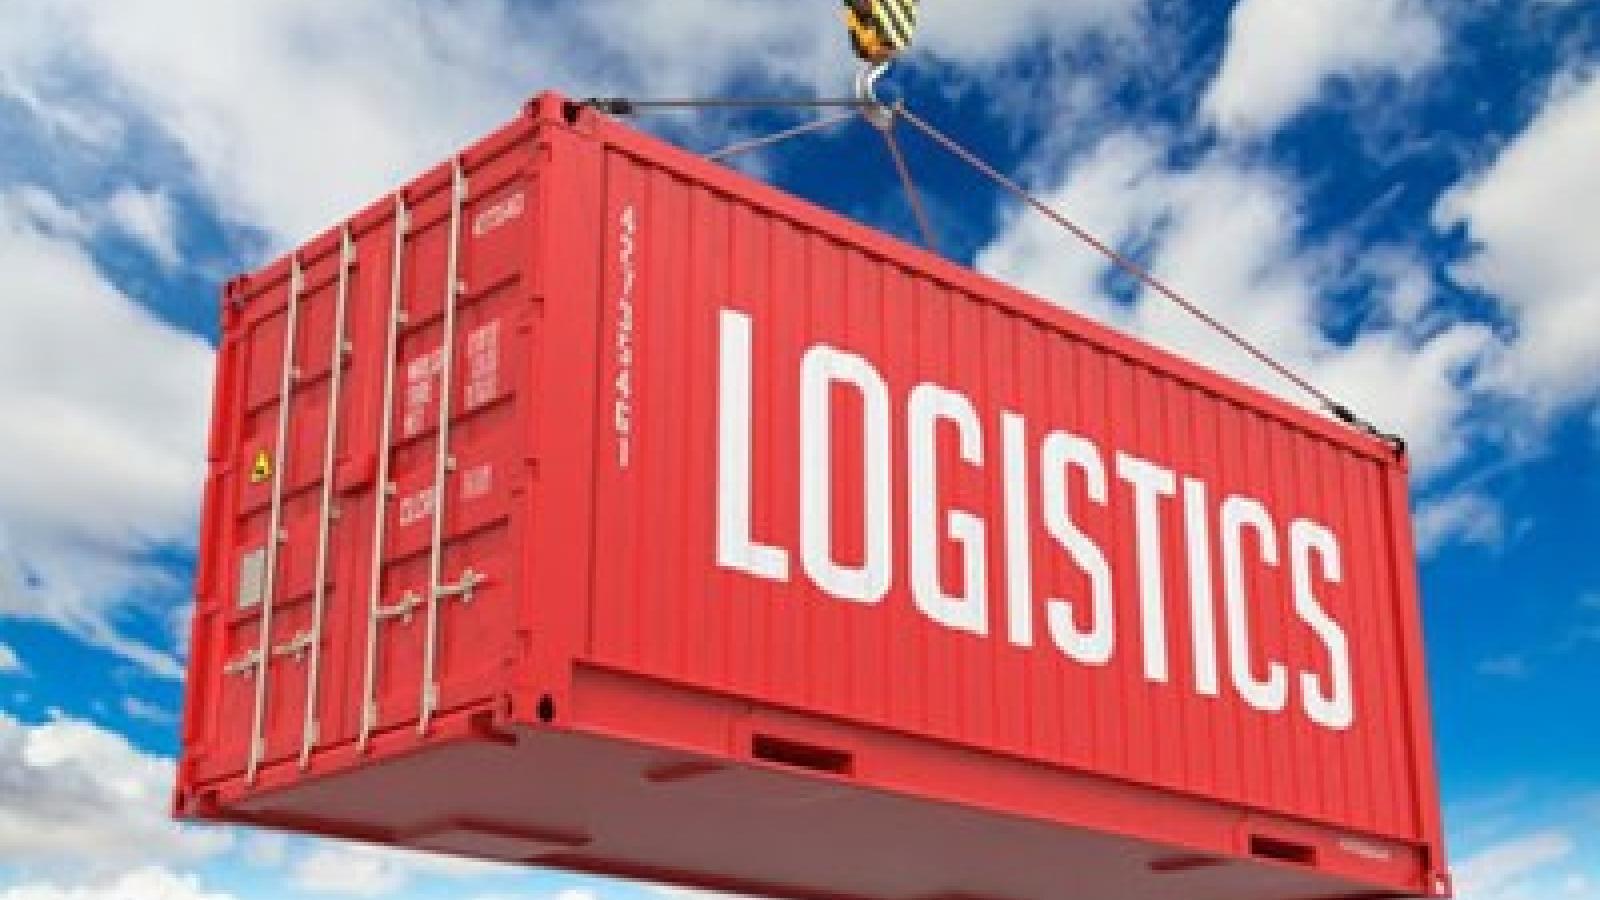 Chi phí logistics quá cao làm hàng hóa mất tính cạnh tranh